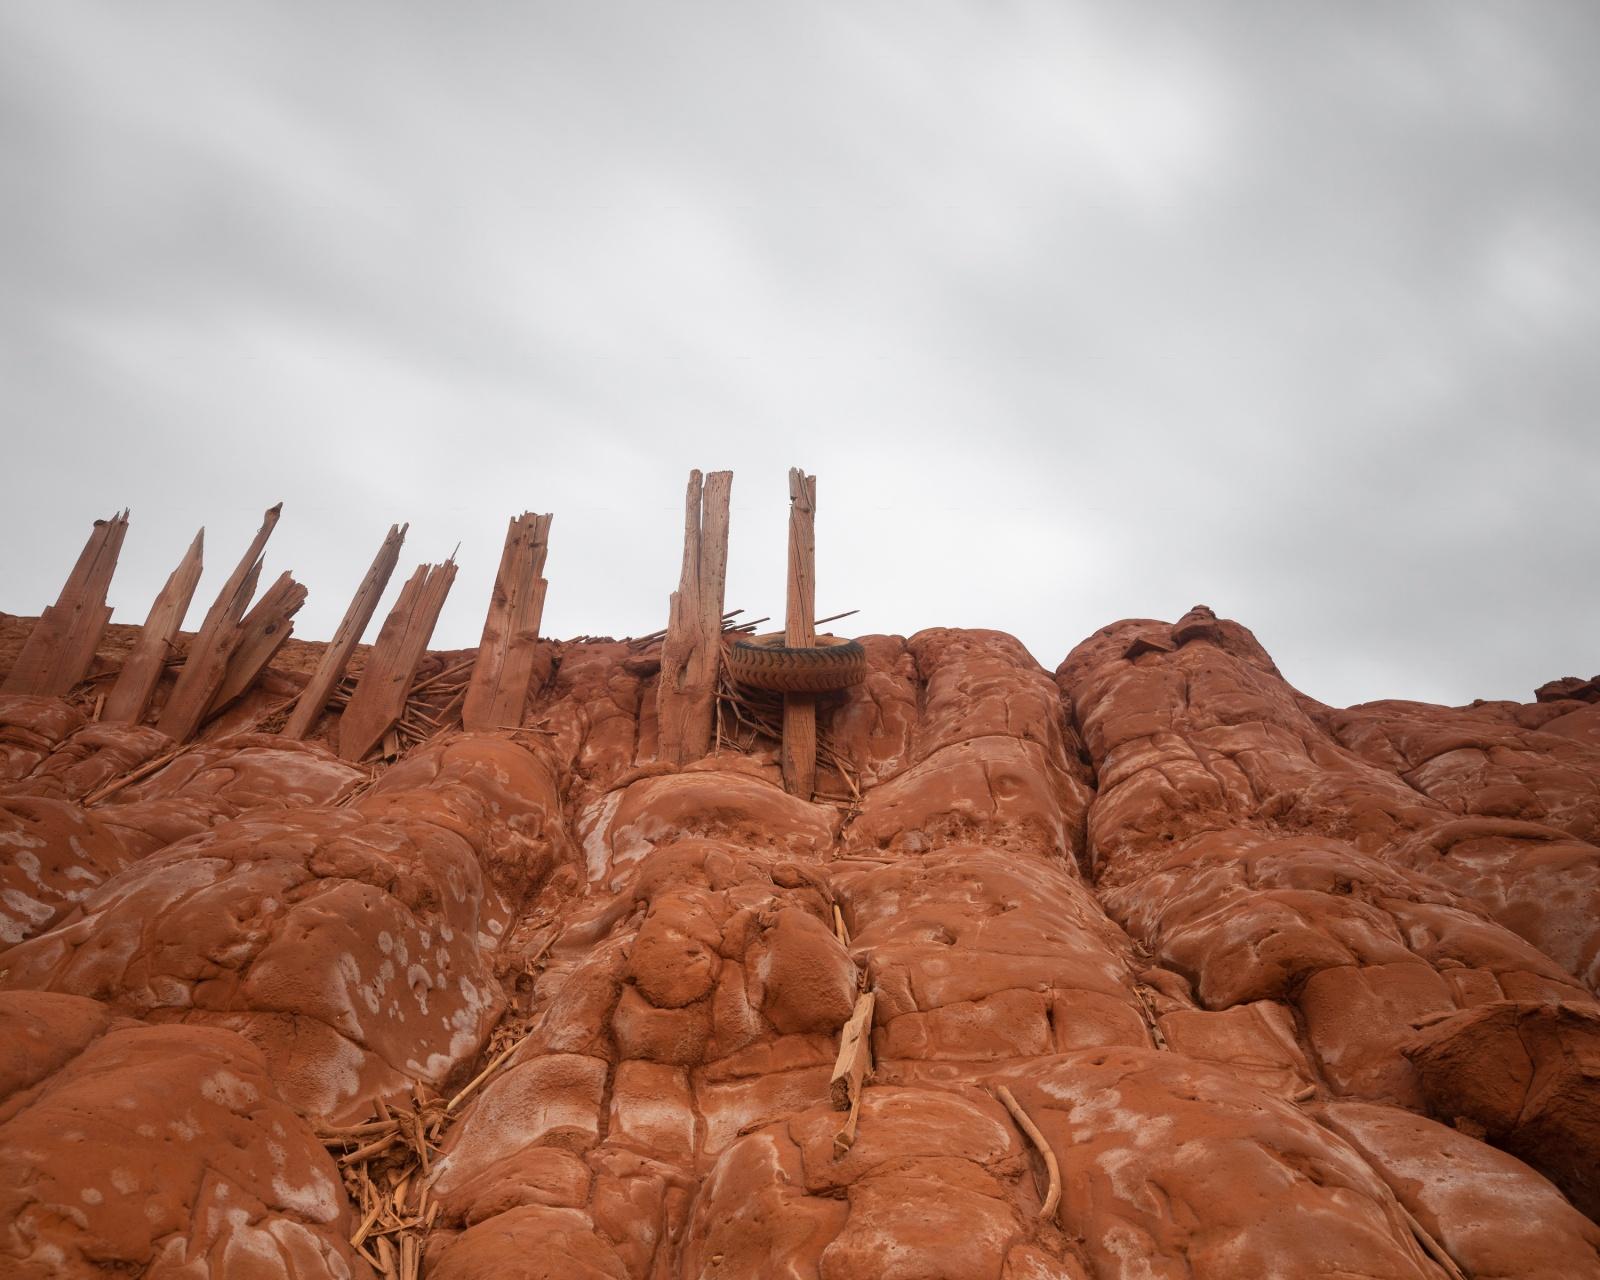 Miniera di piombo e zinco, residui delle lavorazioni del processo elettrolitico dello zinco, Iglesias.